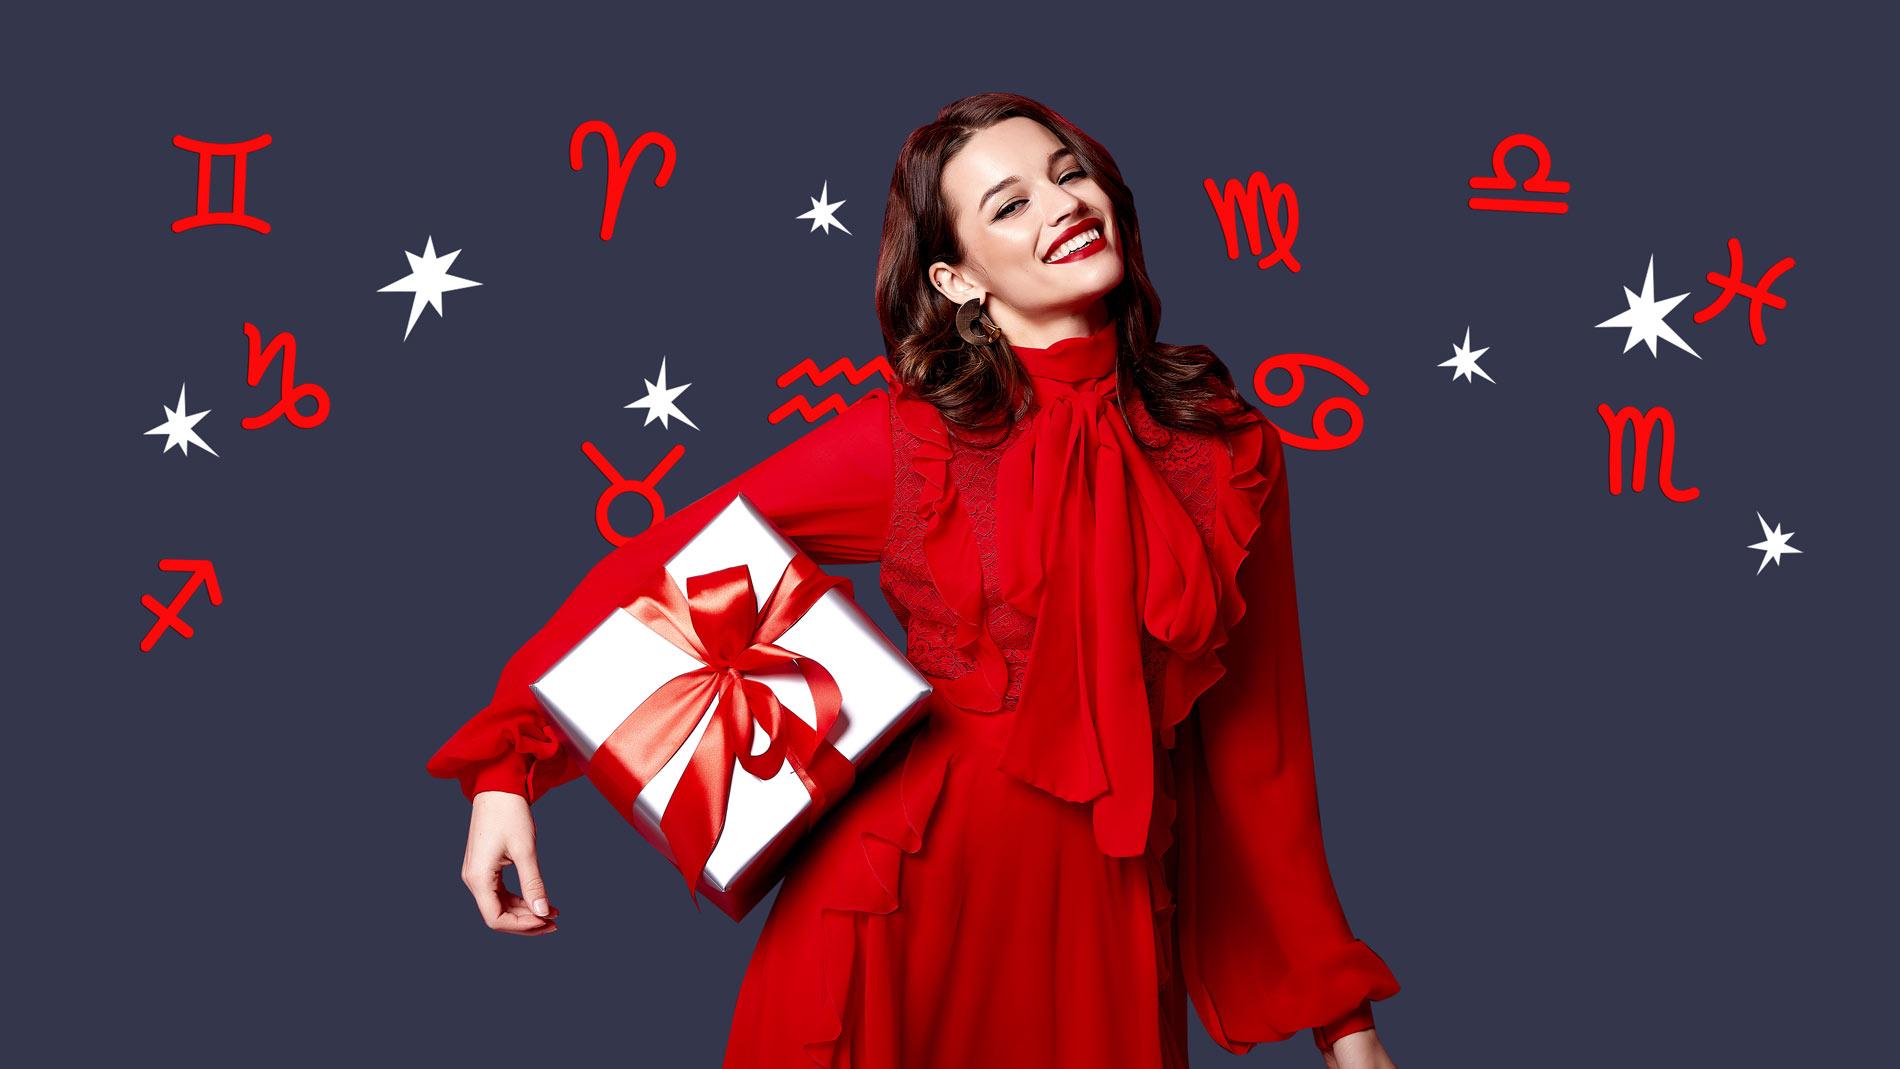 Гороскоп подарков: что подарить разным знакам зодиака